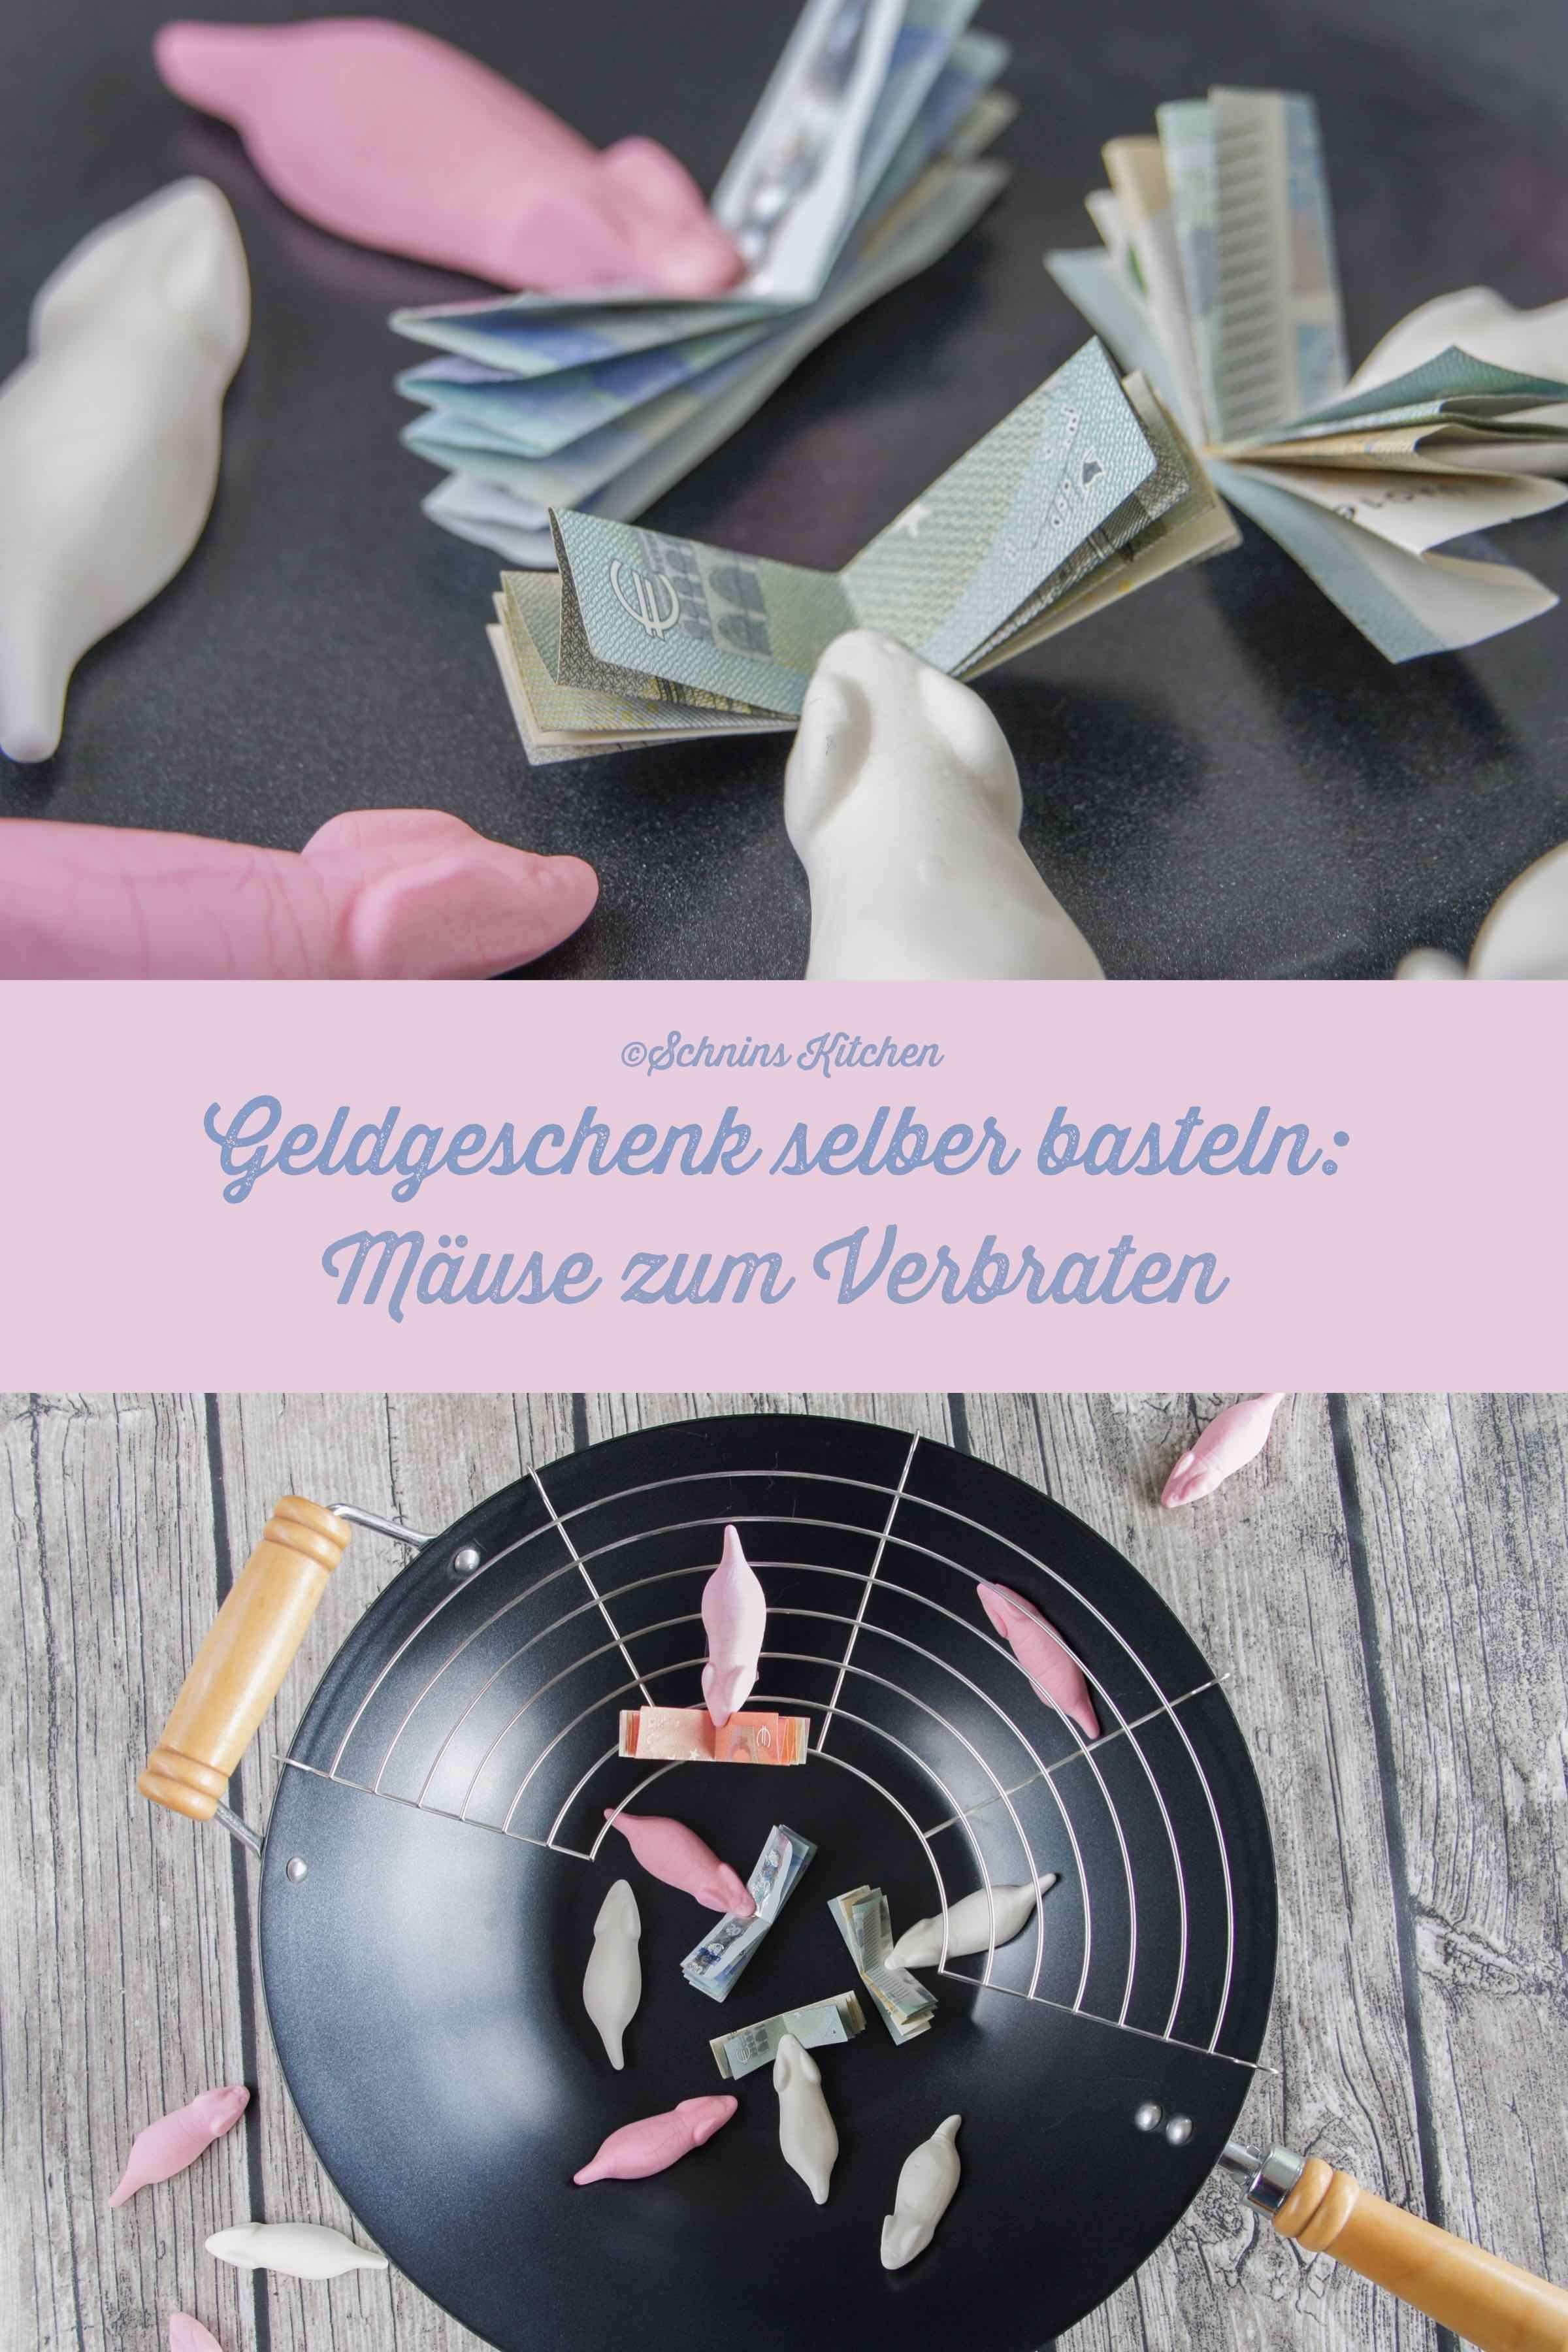 Geldgeschenk Basteln Mause Zum Verbraten Schnin S Kitchen Geldgeschenke Basteln Mause Zum Verbraten Geschenke